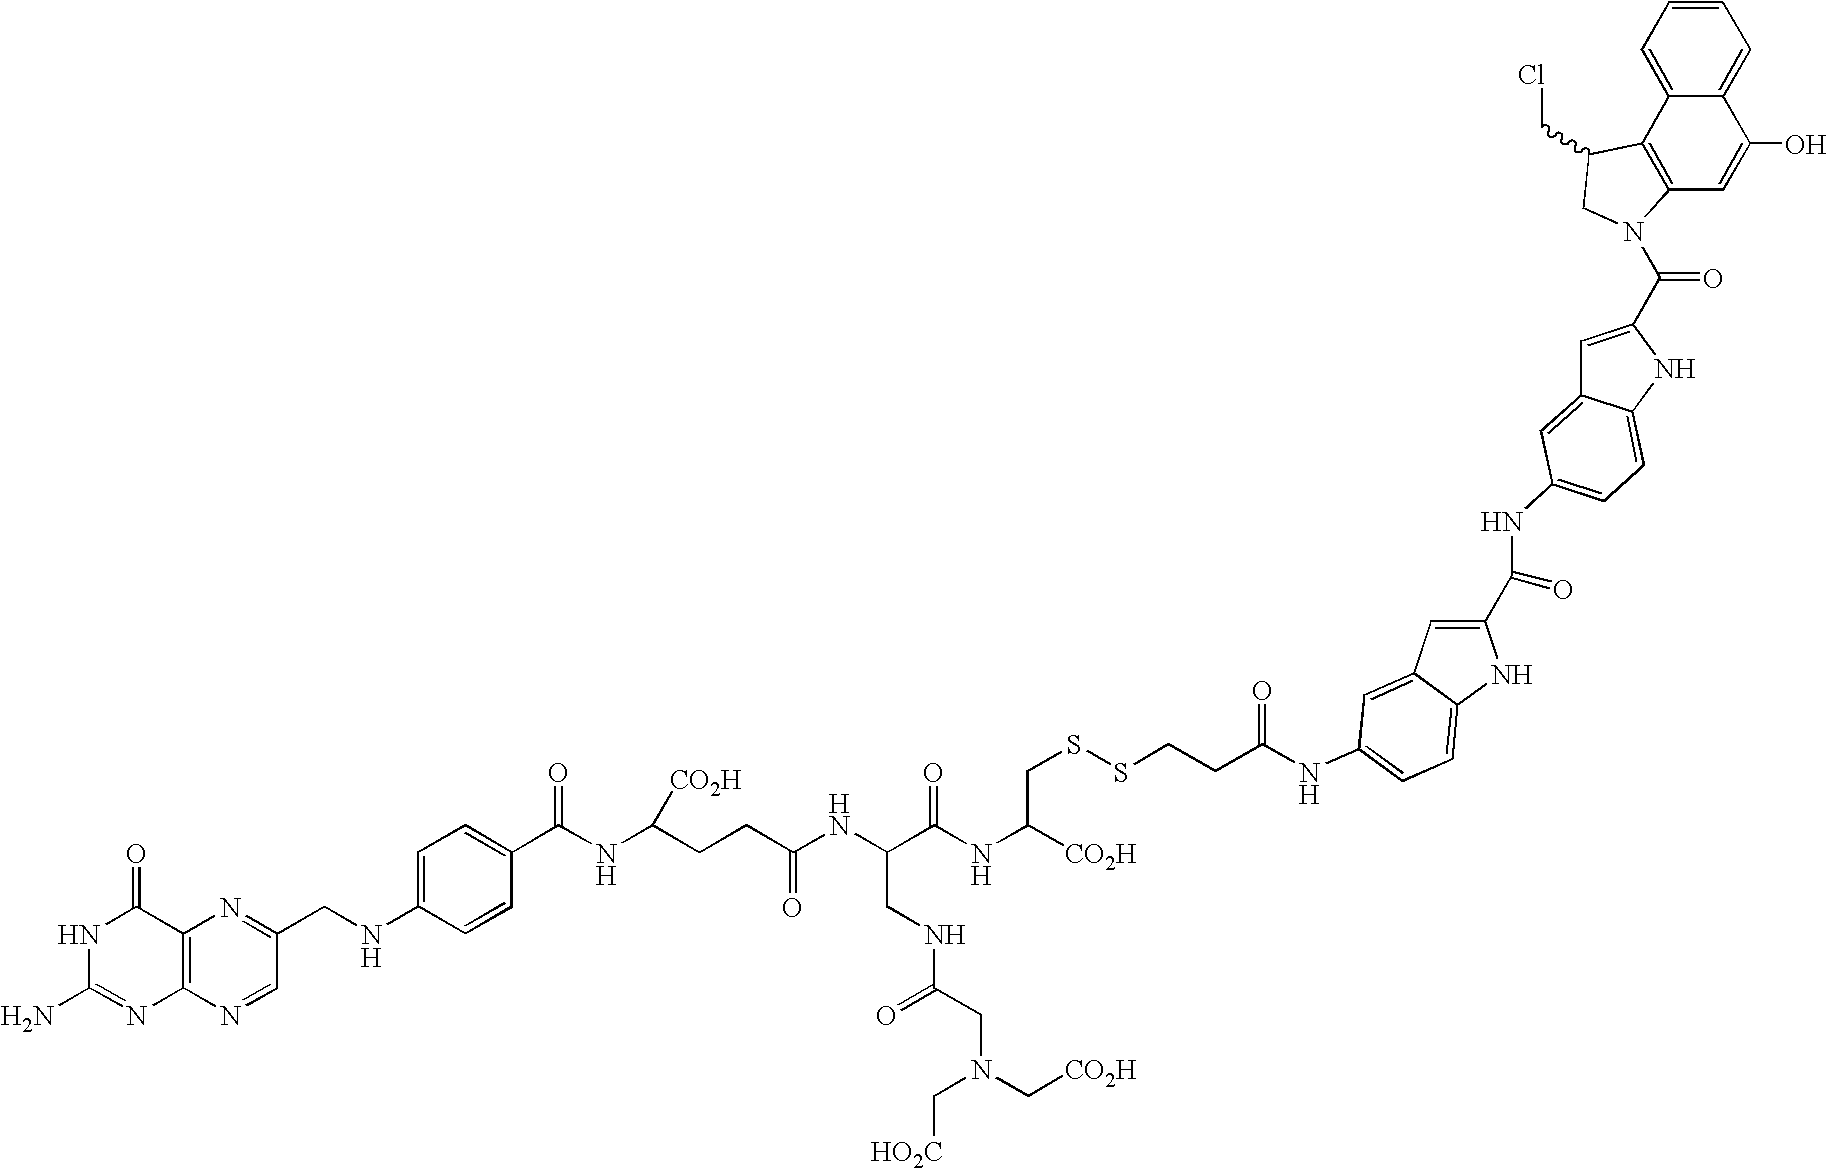 Figure US20100004276A1-20100107-C00178